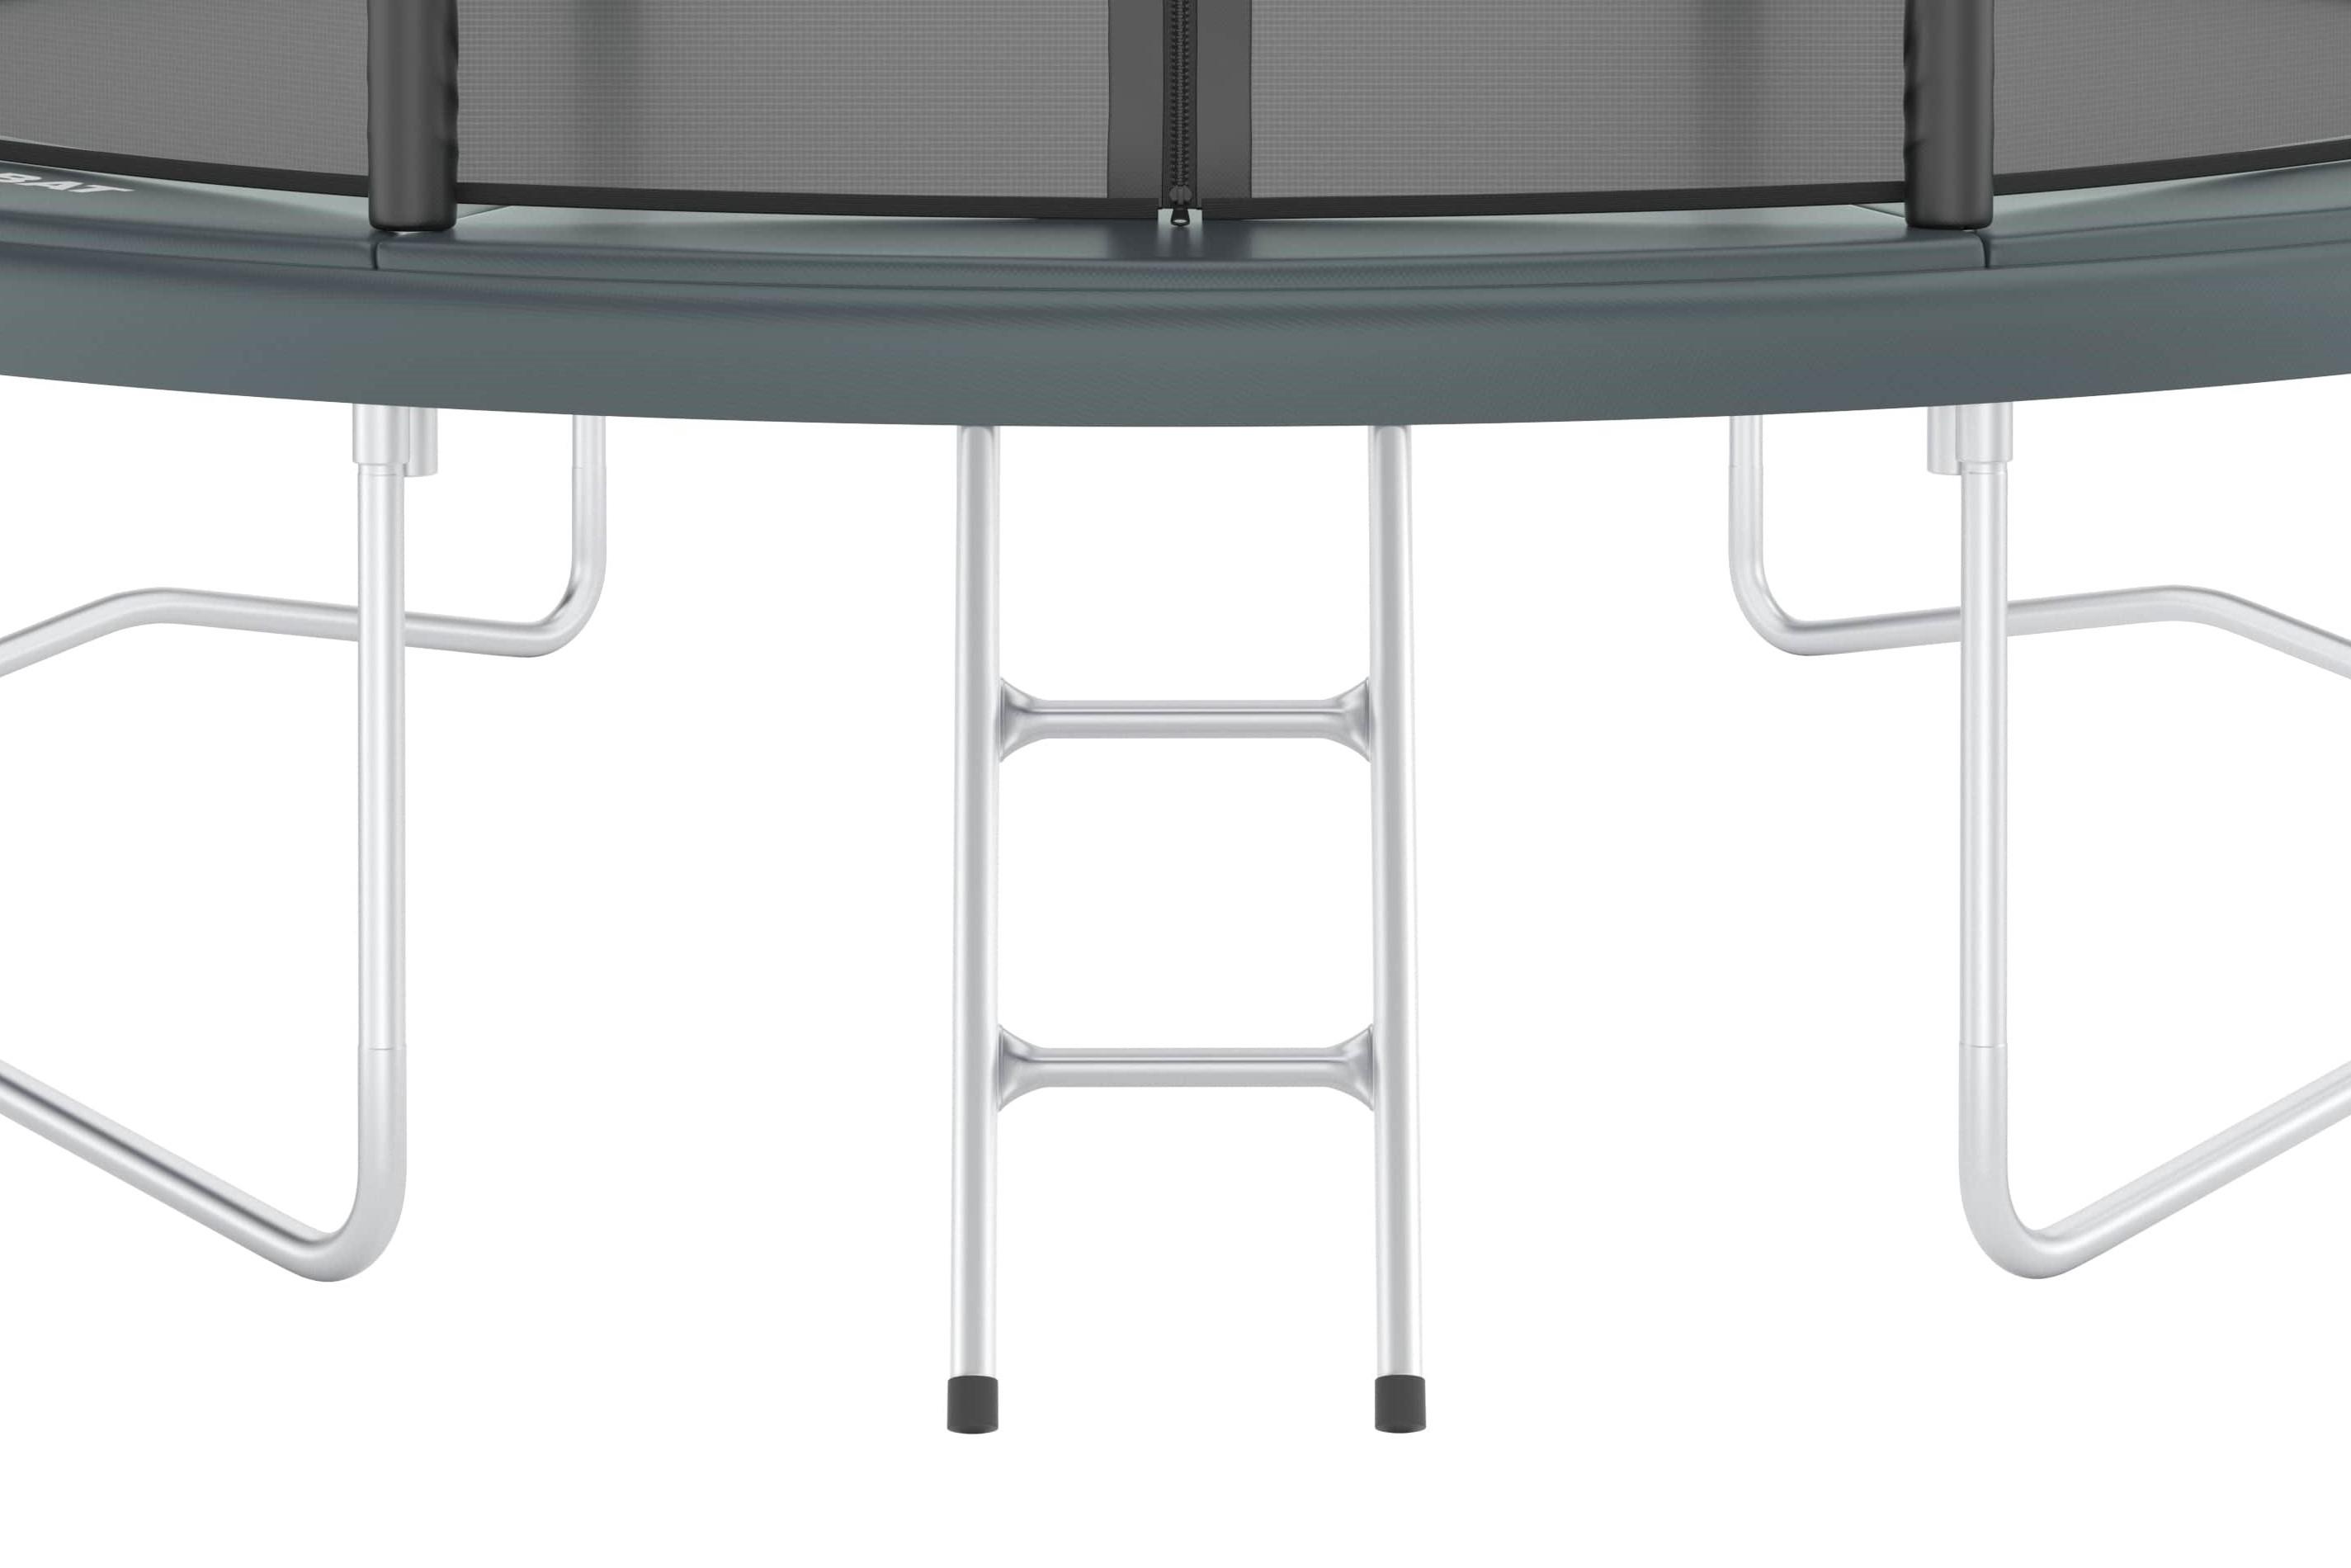 Okvir trampolina je vruće pocinčan s doživotnom garancijom